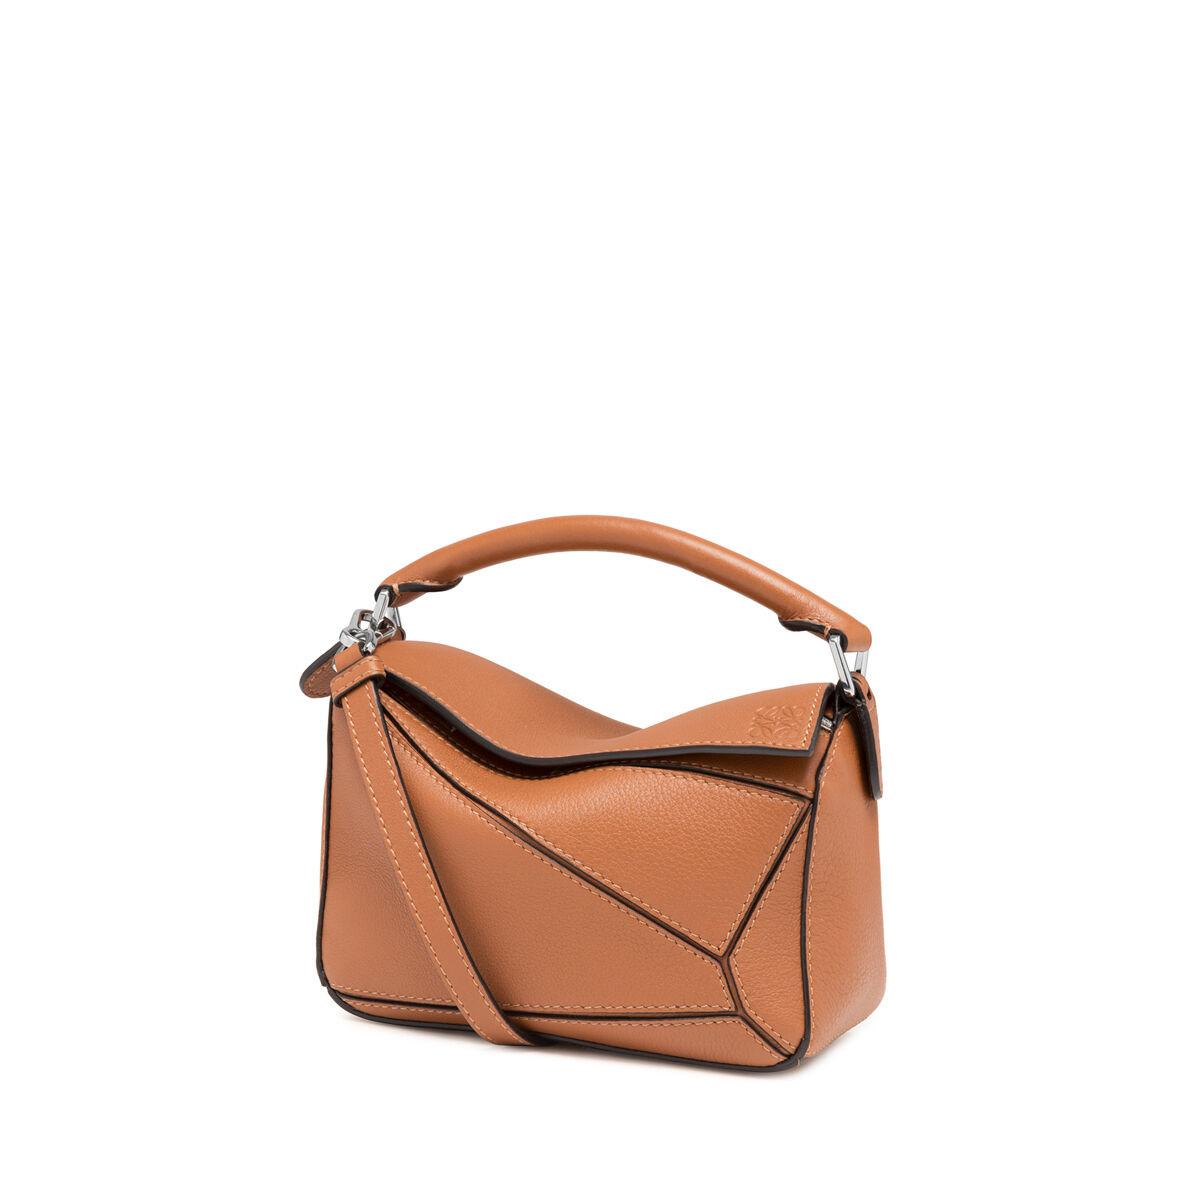 Womens Leather Handbag Inspired Designer Handbag Square Handbag Shoulder Handbag